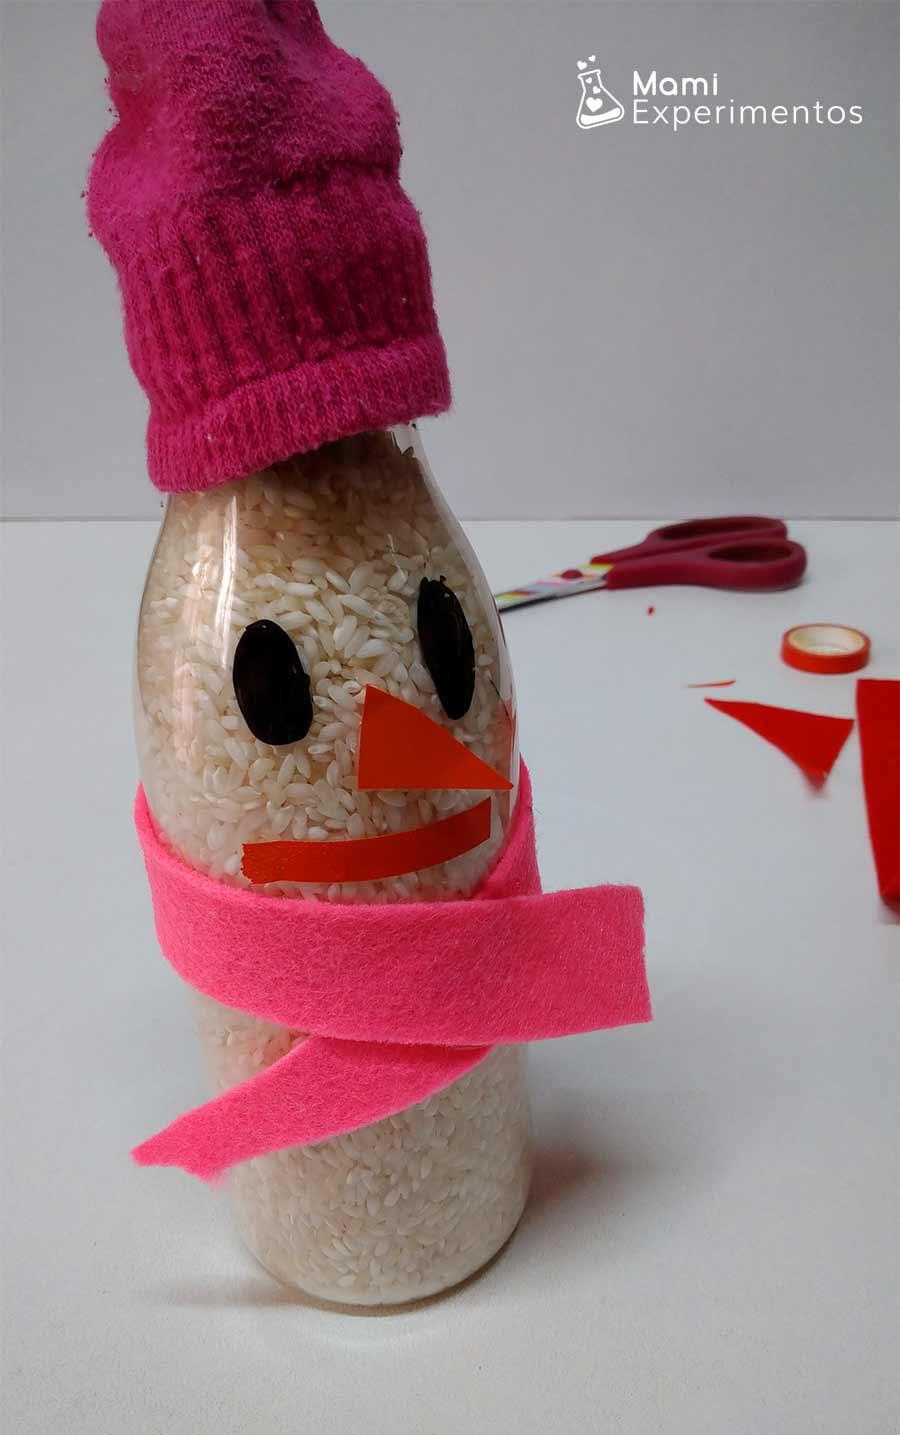 Botella sensorial con arroz de muñeco de nieve